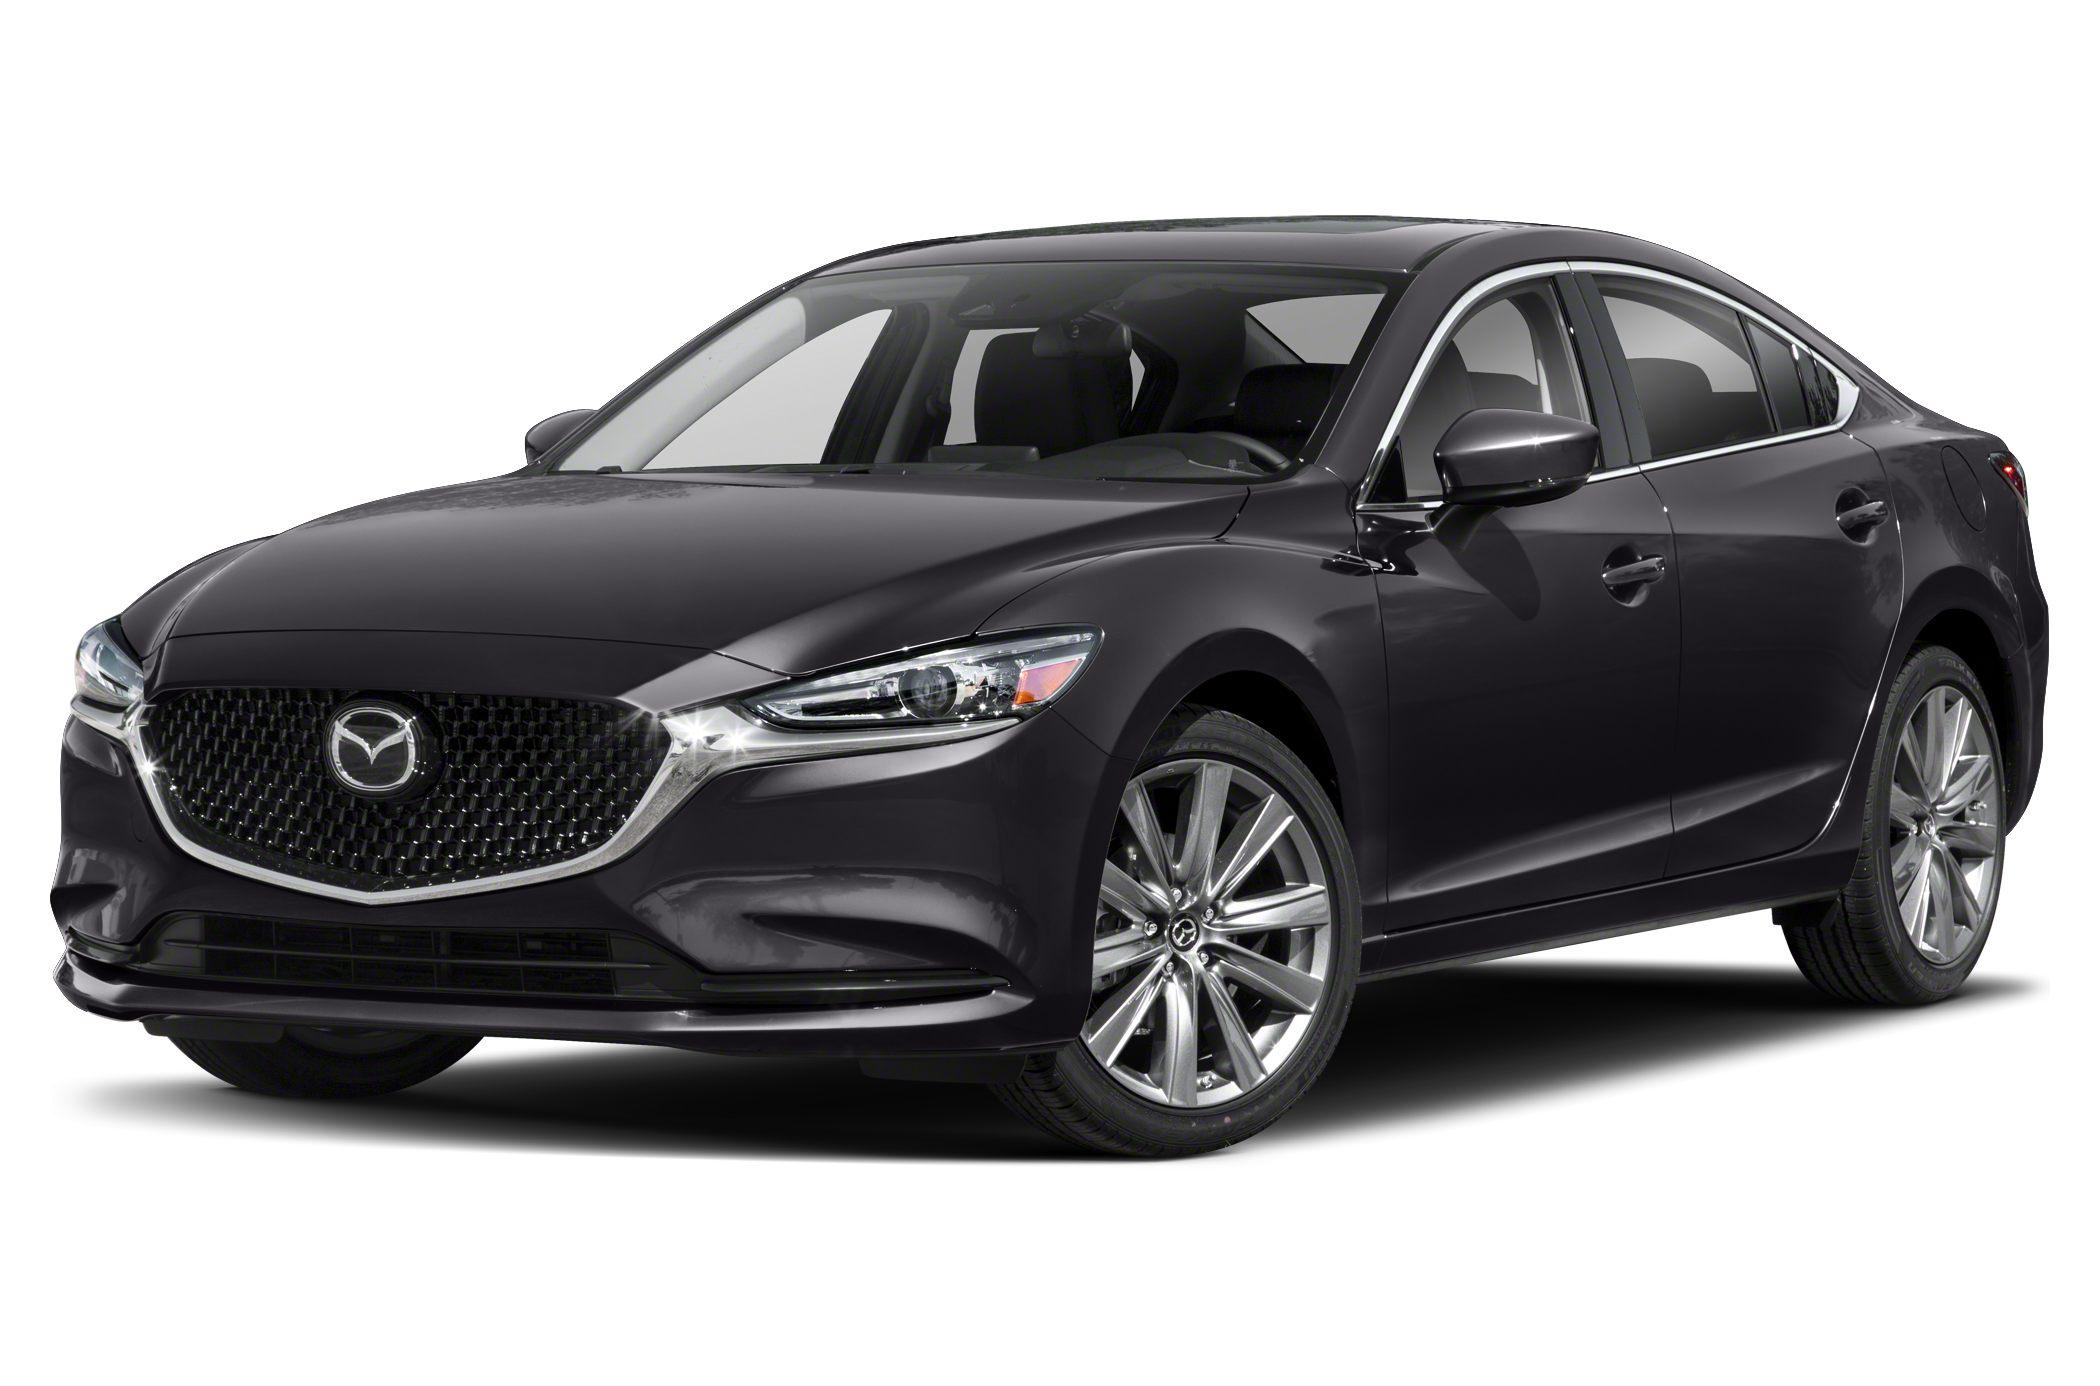 2020 Mazda Mazda6 Touring 4dr Sedan Specs And Prices